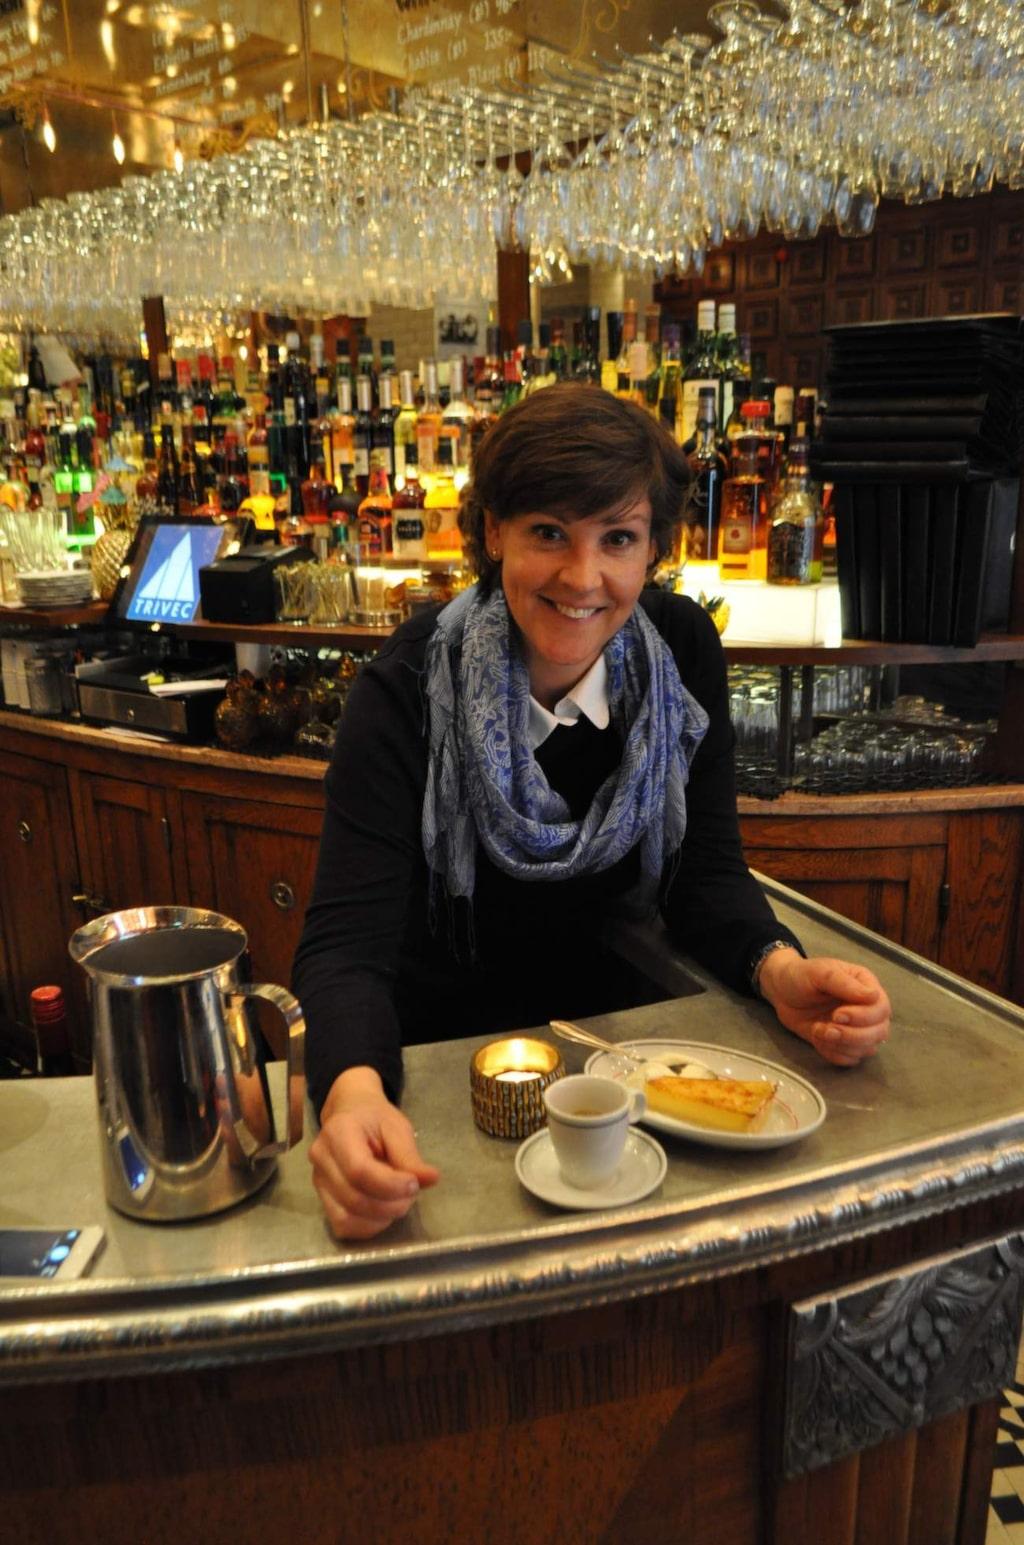 Lottie Knutson  är en obotlig nostalgiker och har bott i Paris i många  år. Där har hon nött, stött och blött den franska huvudstadens zinkdiskar och ger här sina bästa adresser.